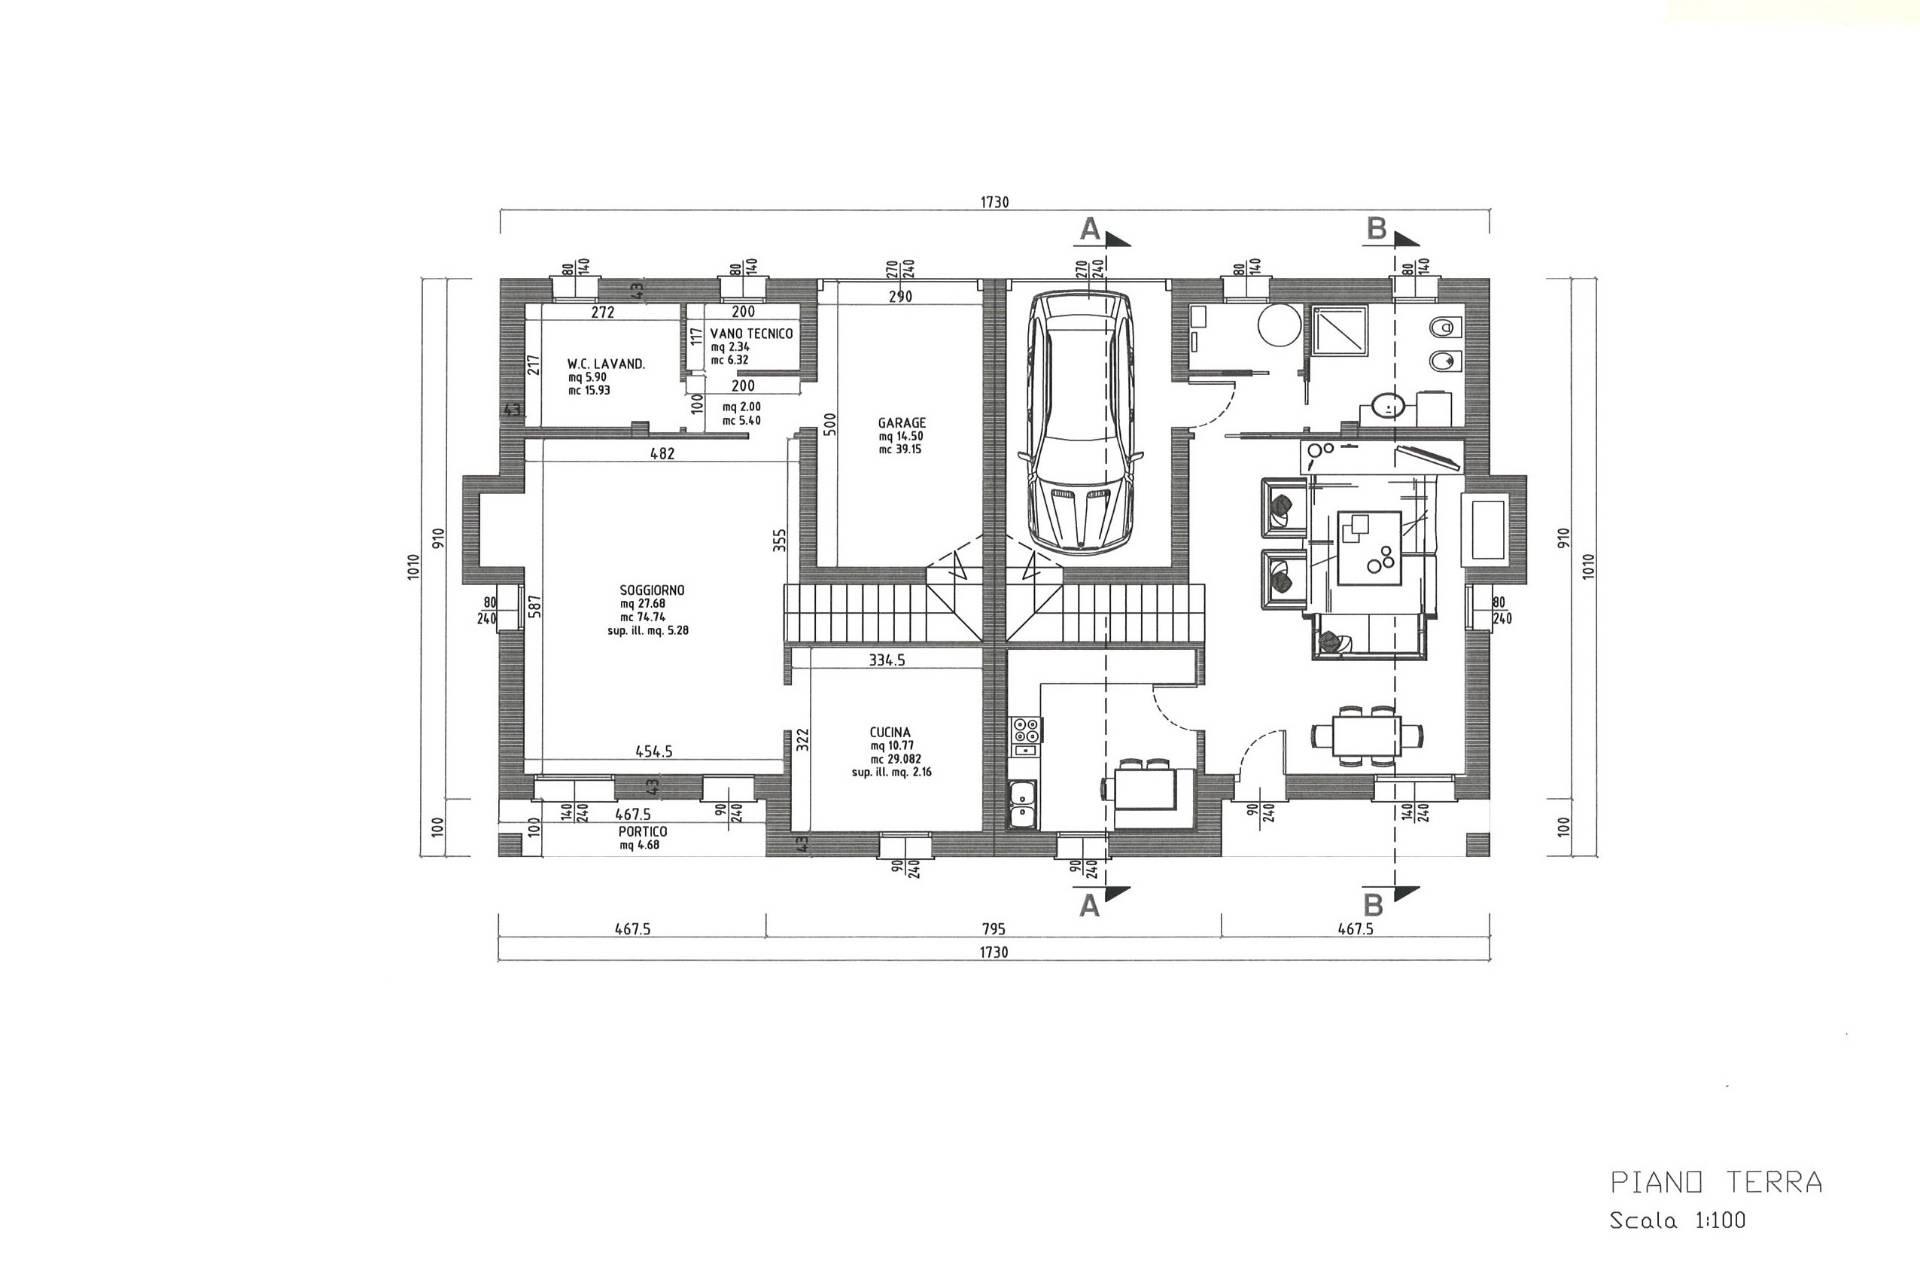 Villa Bifamiliare in vendita a San Biagio di Callalta, 8 locali, zona Località: Olmi, prezzo € 320.000   CambioCasa.it